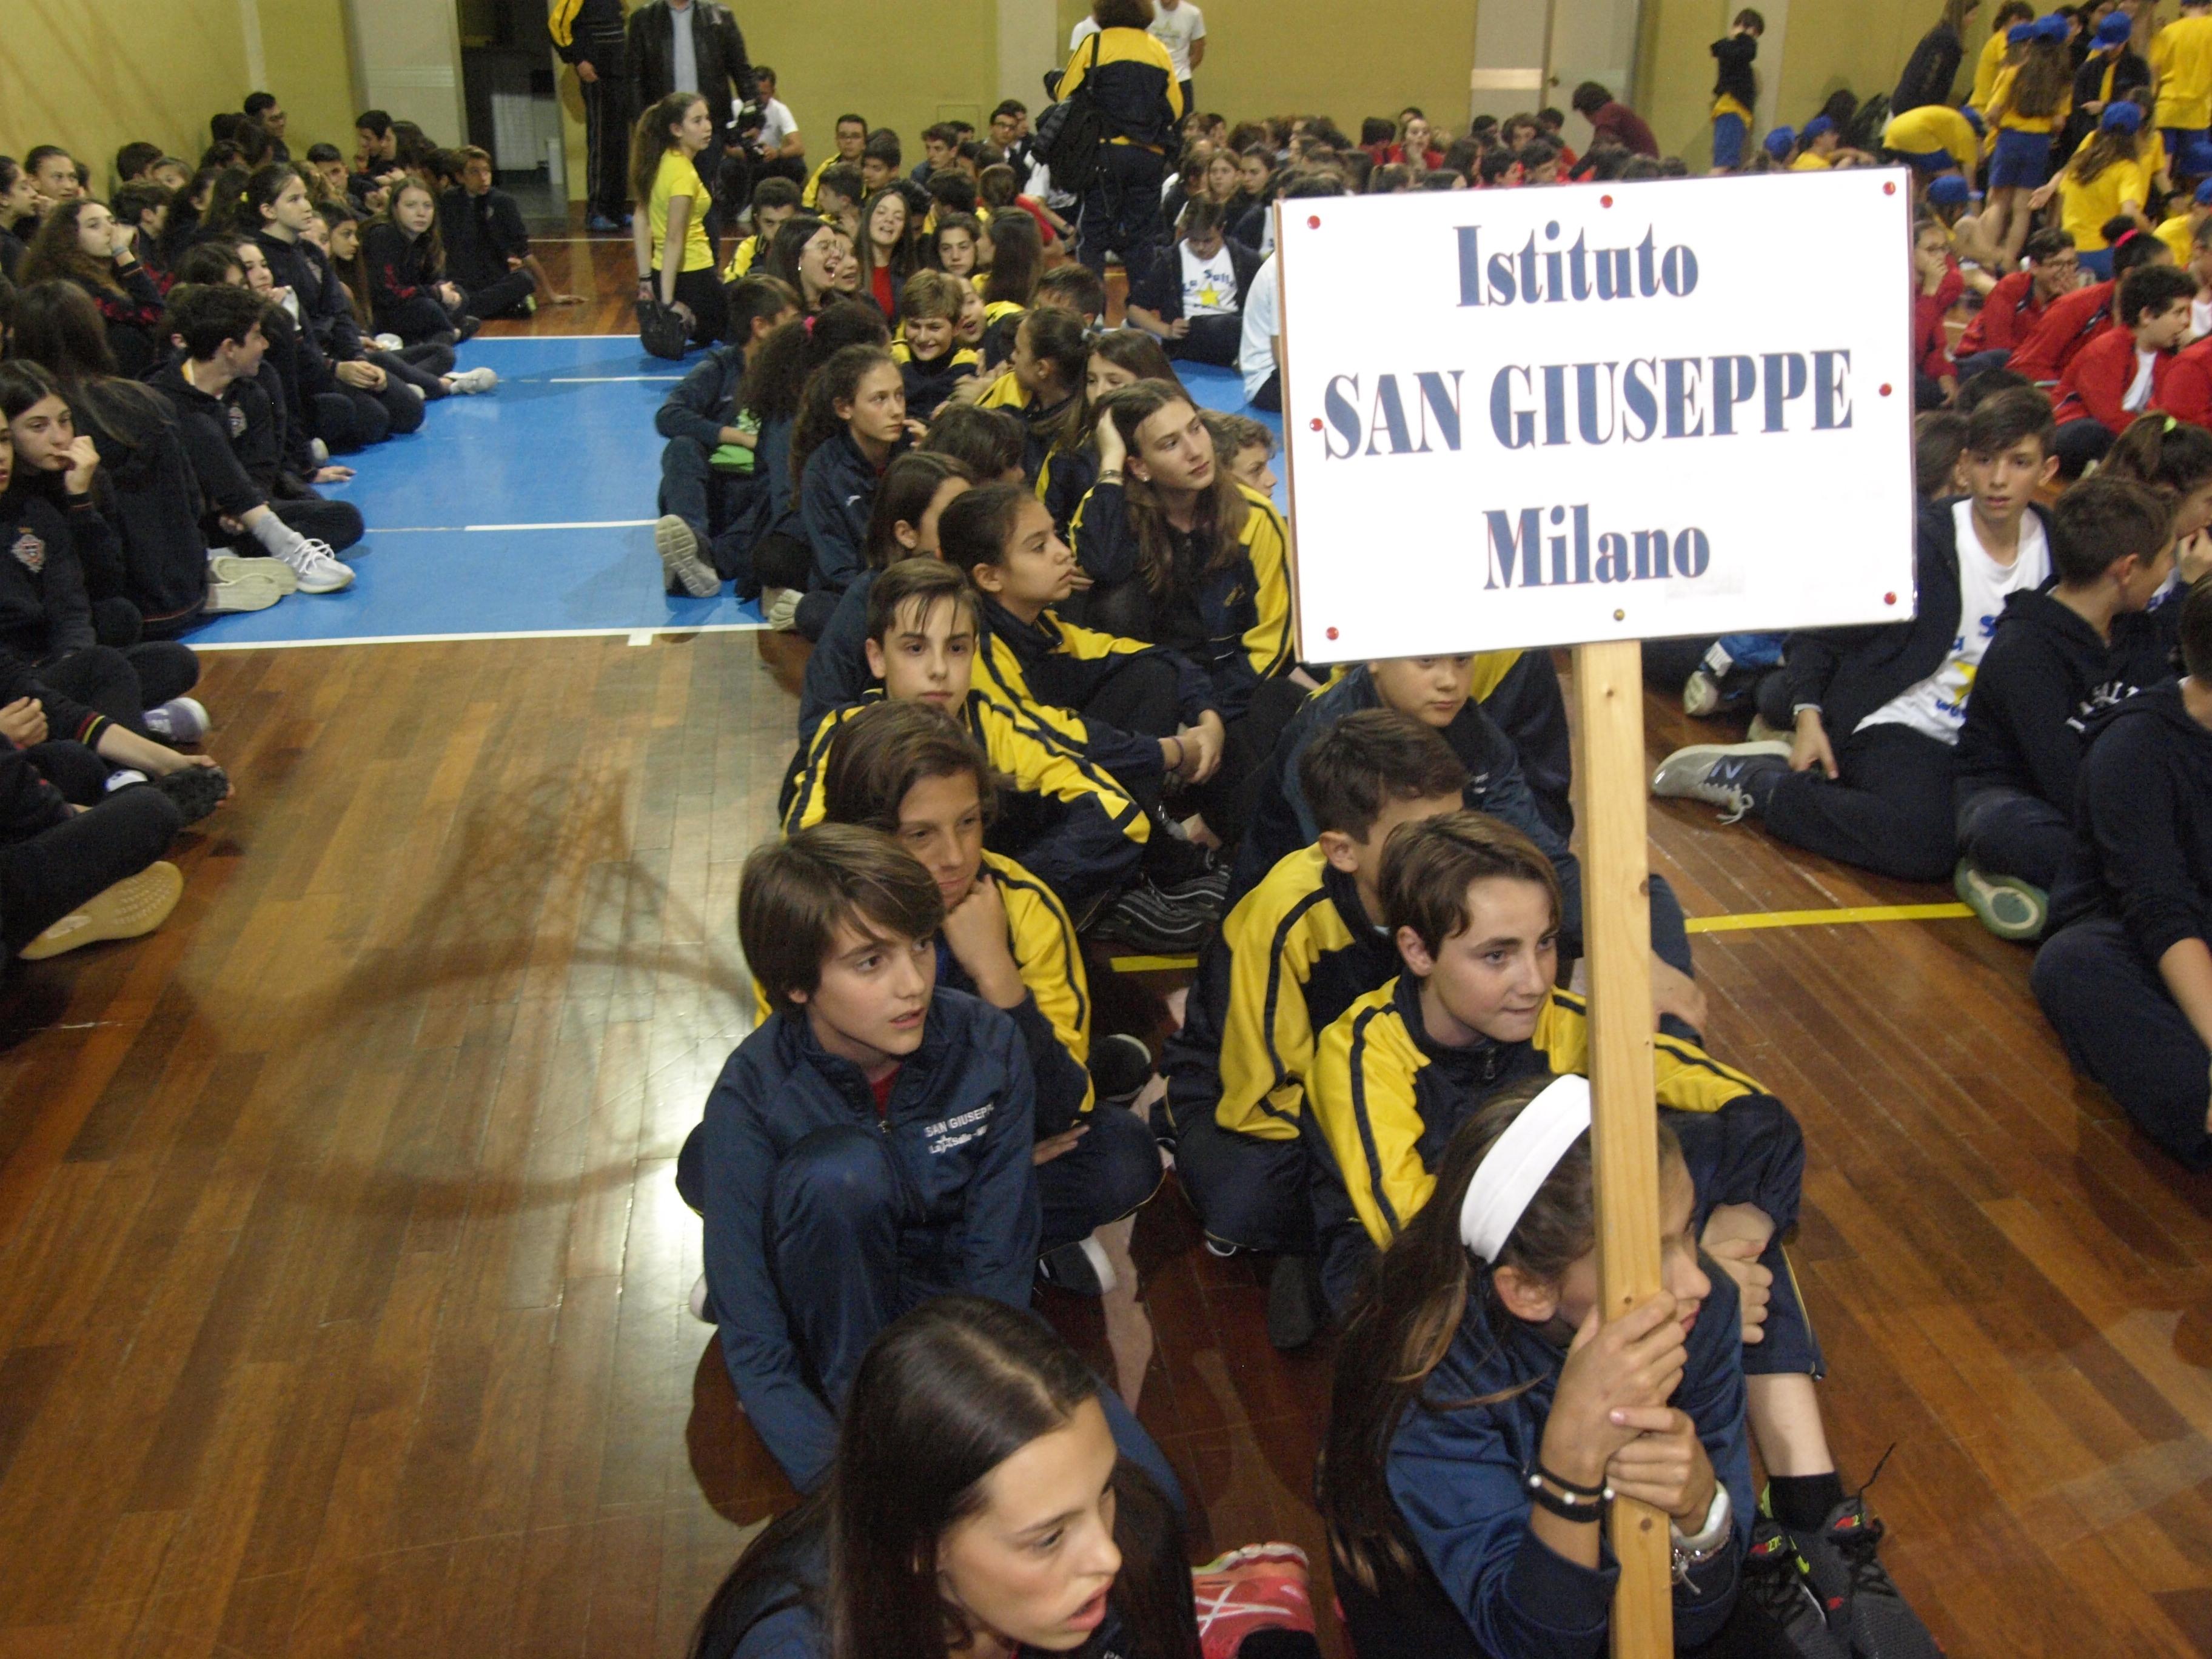 Istituto San Giuseppe La Salle Milano Giochi Lasalliani 2019 50esima Edizione Scuola Secondaria_2